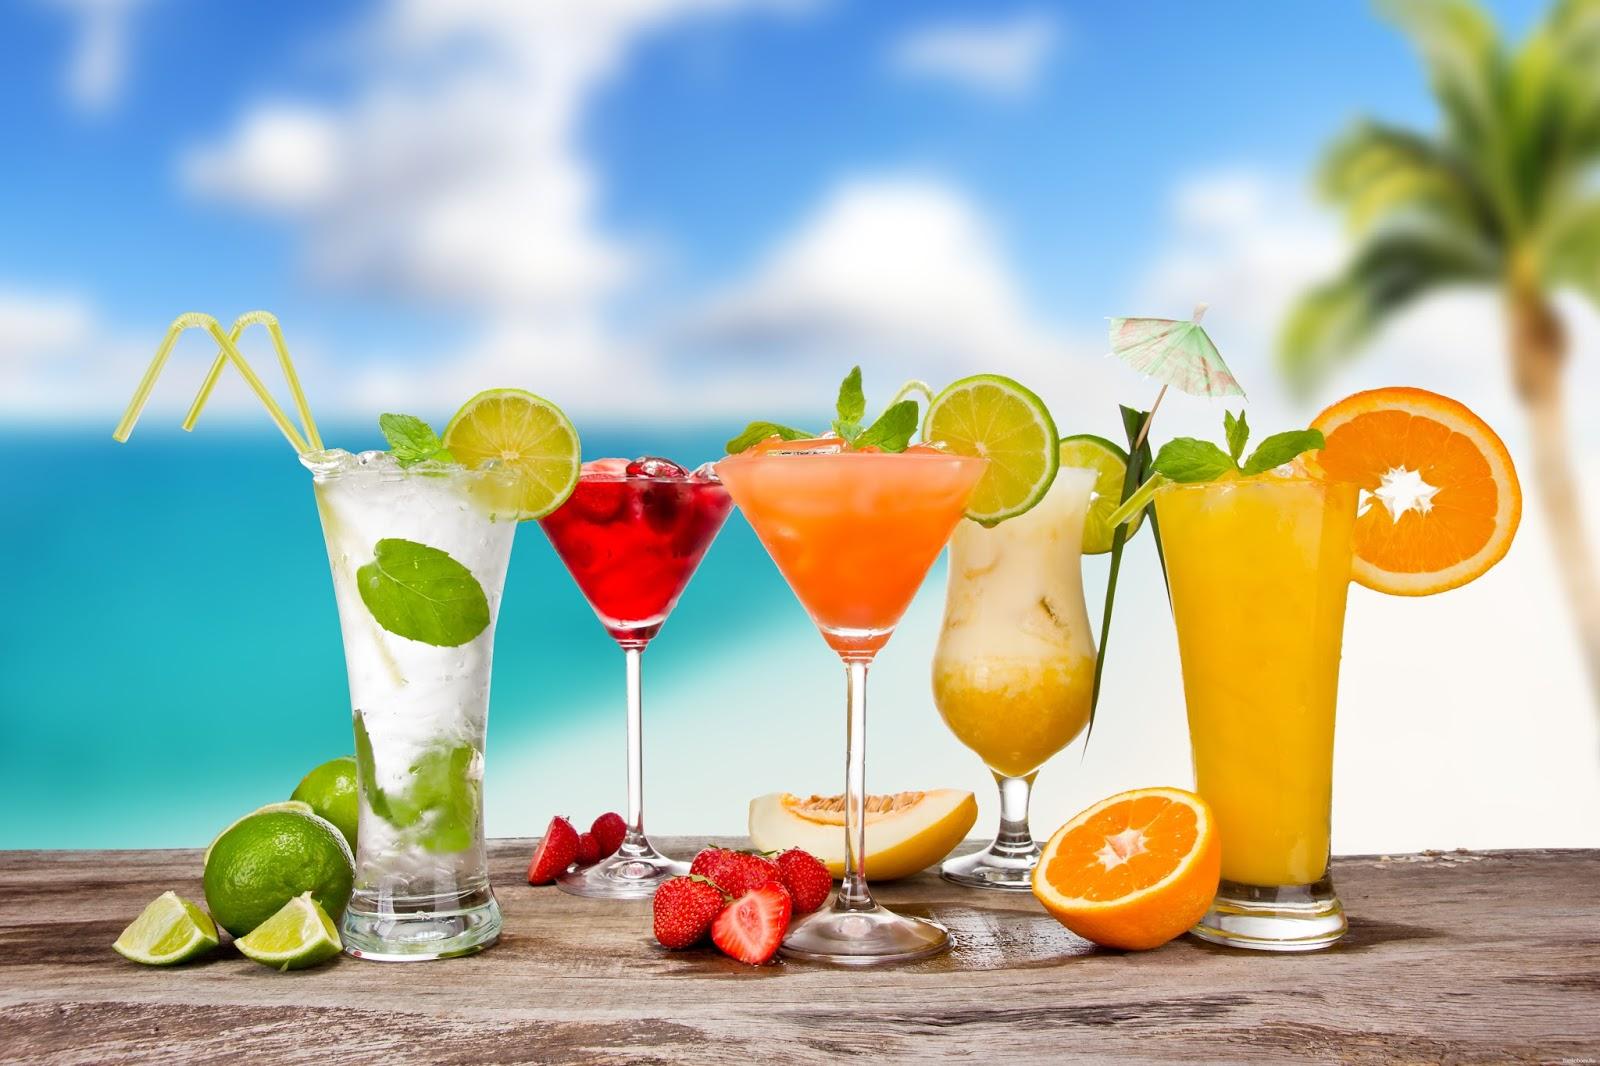 напиток из имбиря для похудения отзывы